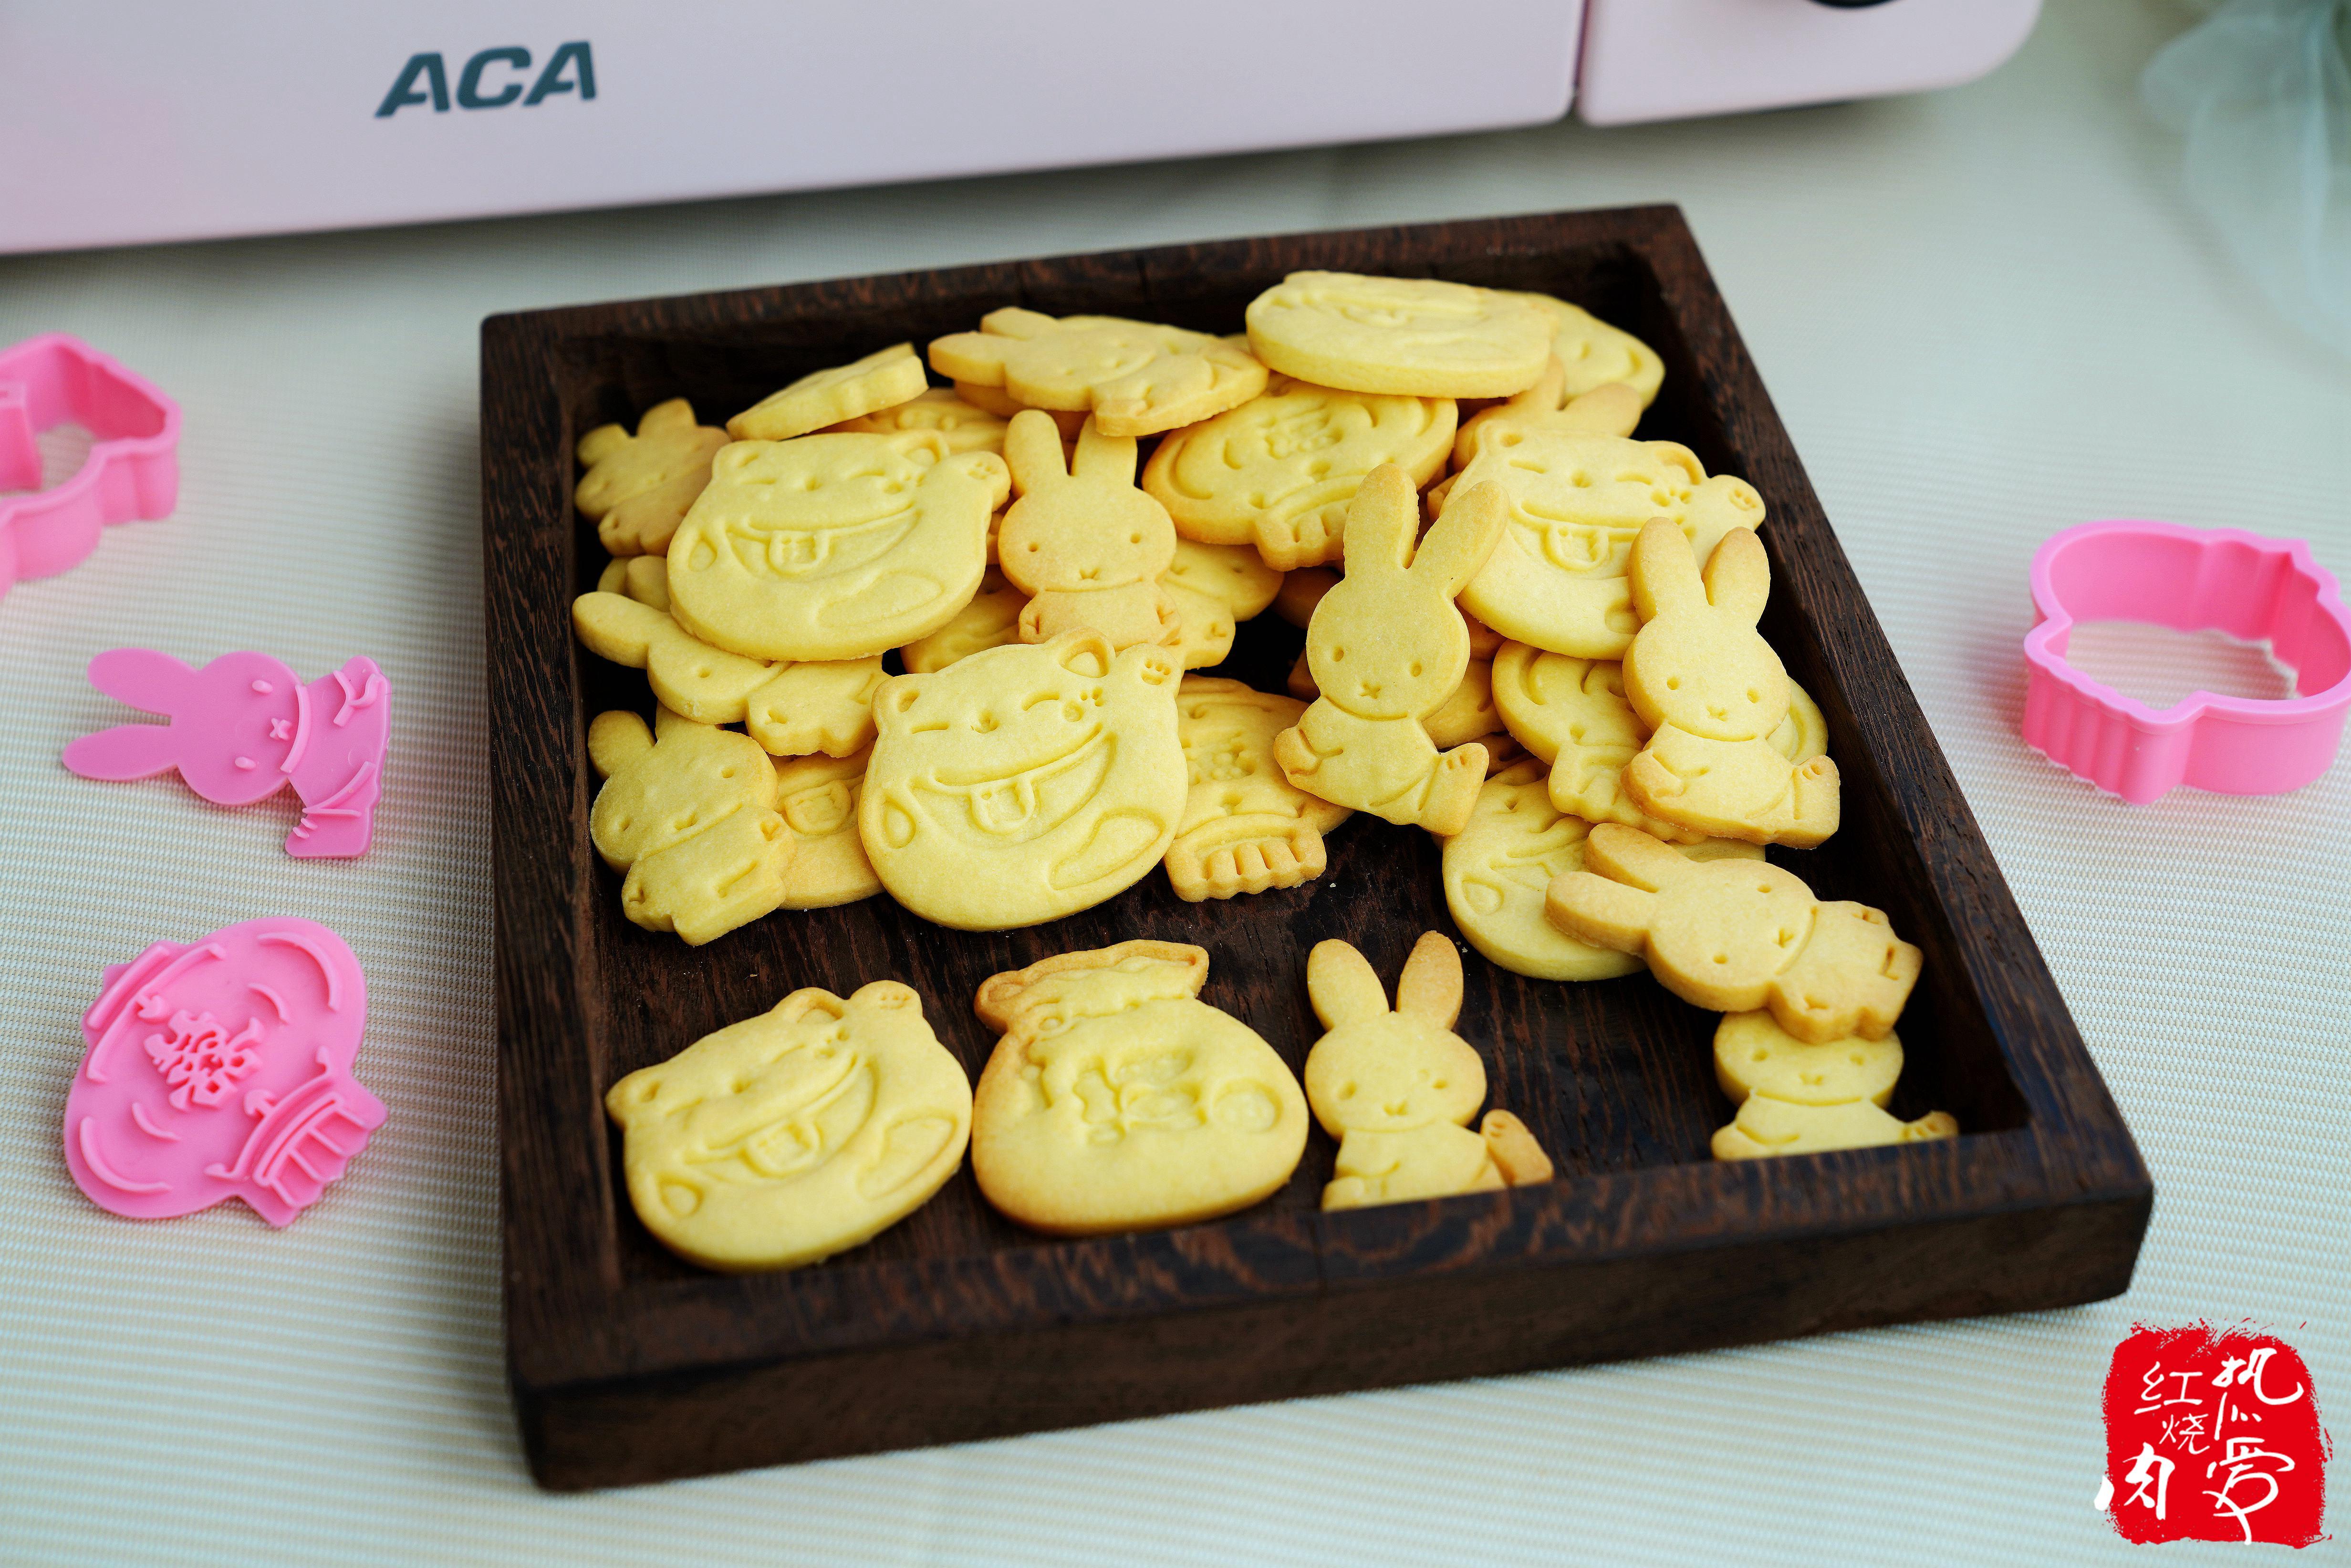 而且做好的饼干特别漂亮,立体感十足,不论大人还是小孩子都相当的喜欢